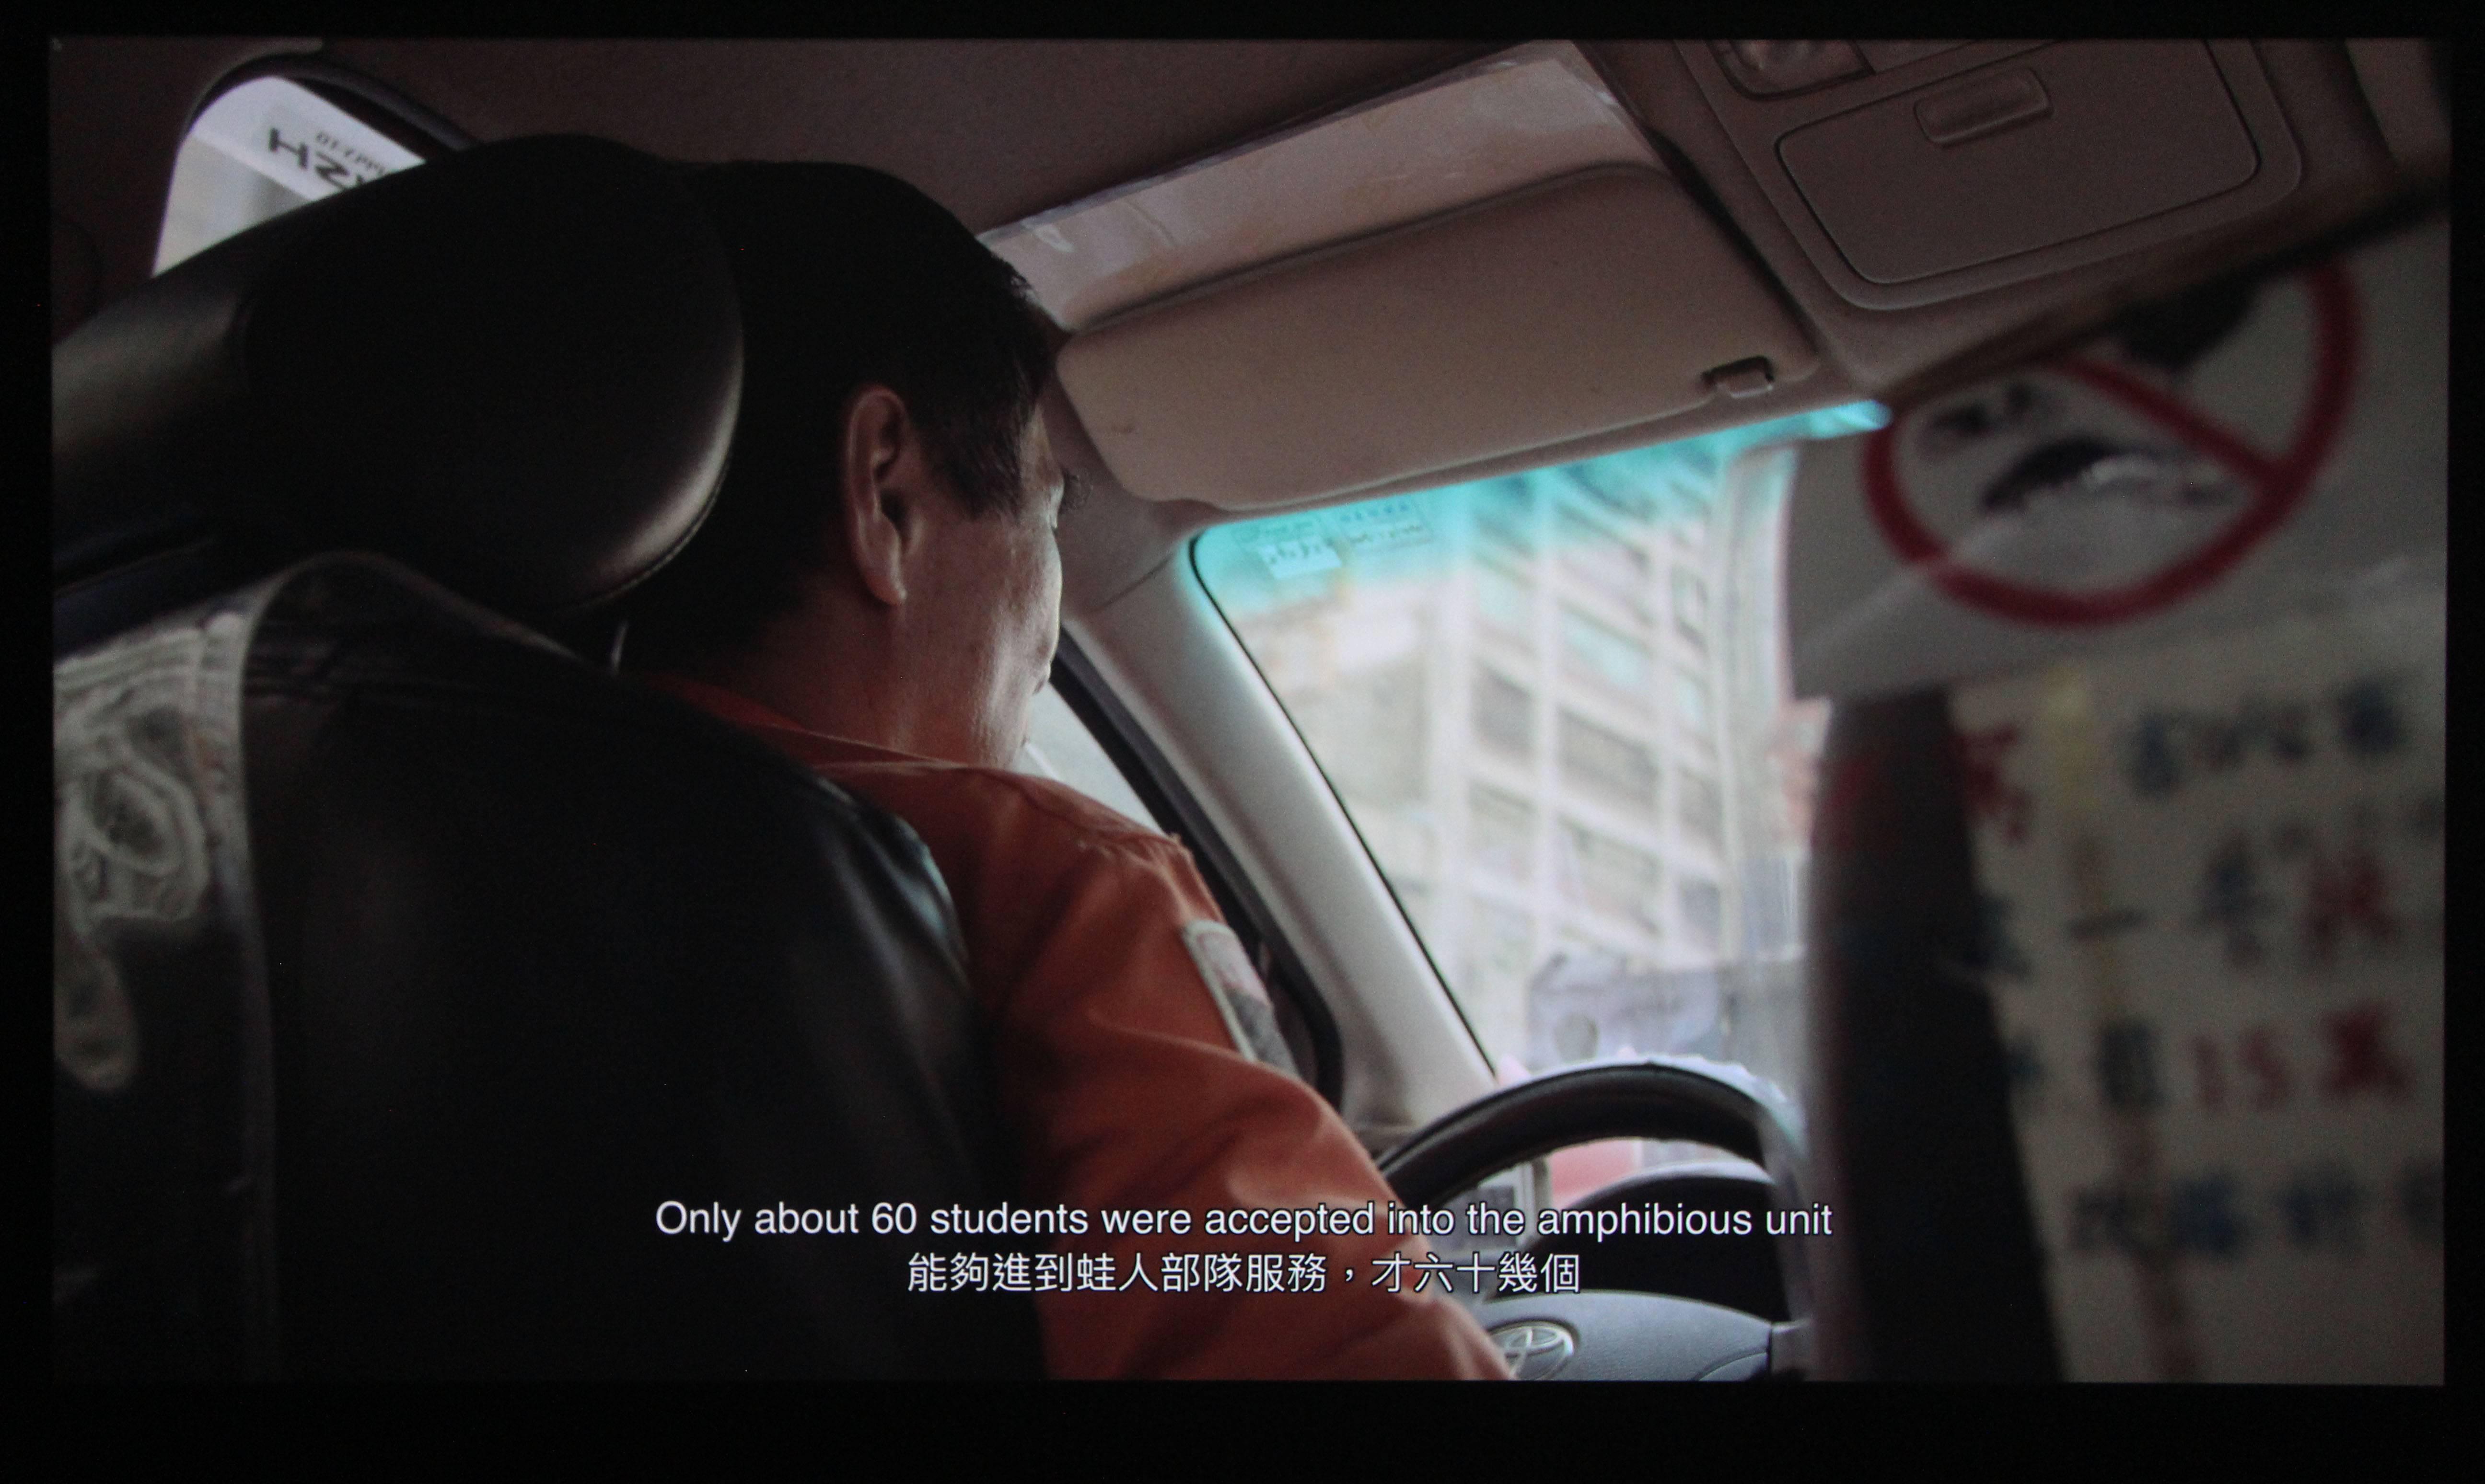 2018台北美術獎入選作品。饒加恩,《計程車》,有聲UHD解析彩色錄像,79分32秒,2018。